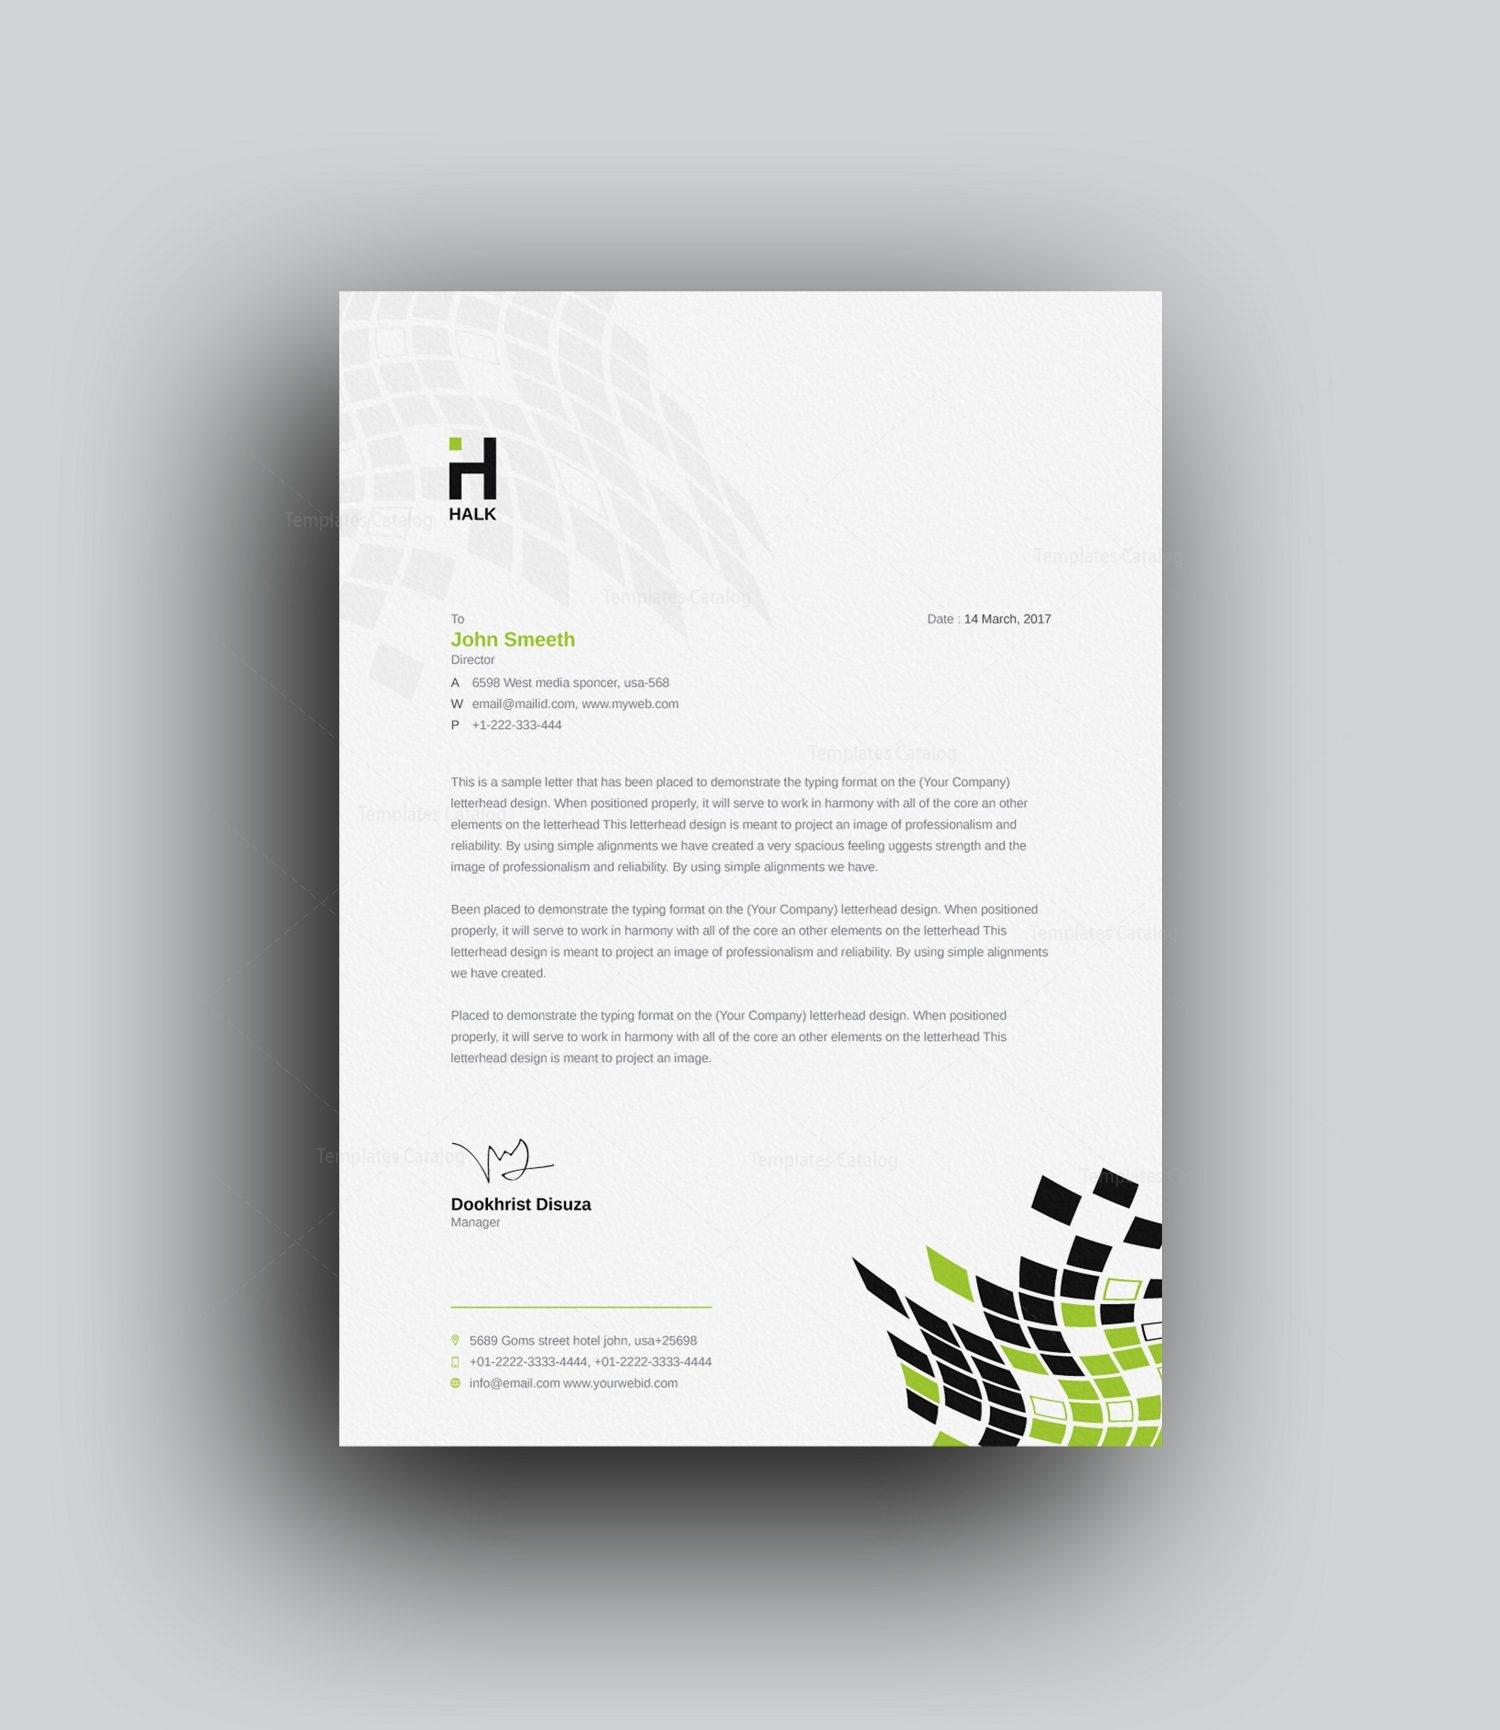 Corporate Letterhead Template: Alastor Professional Corporate Letterhead Template 001026